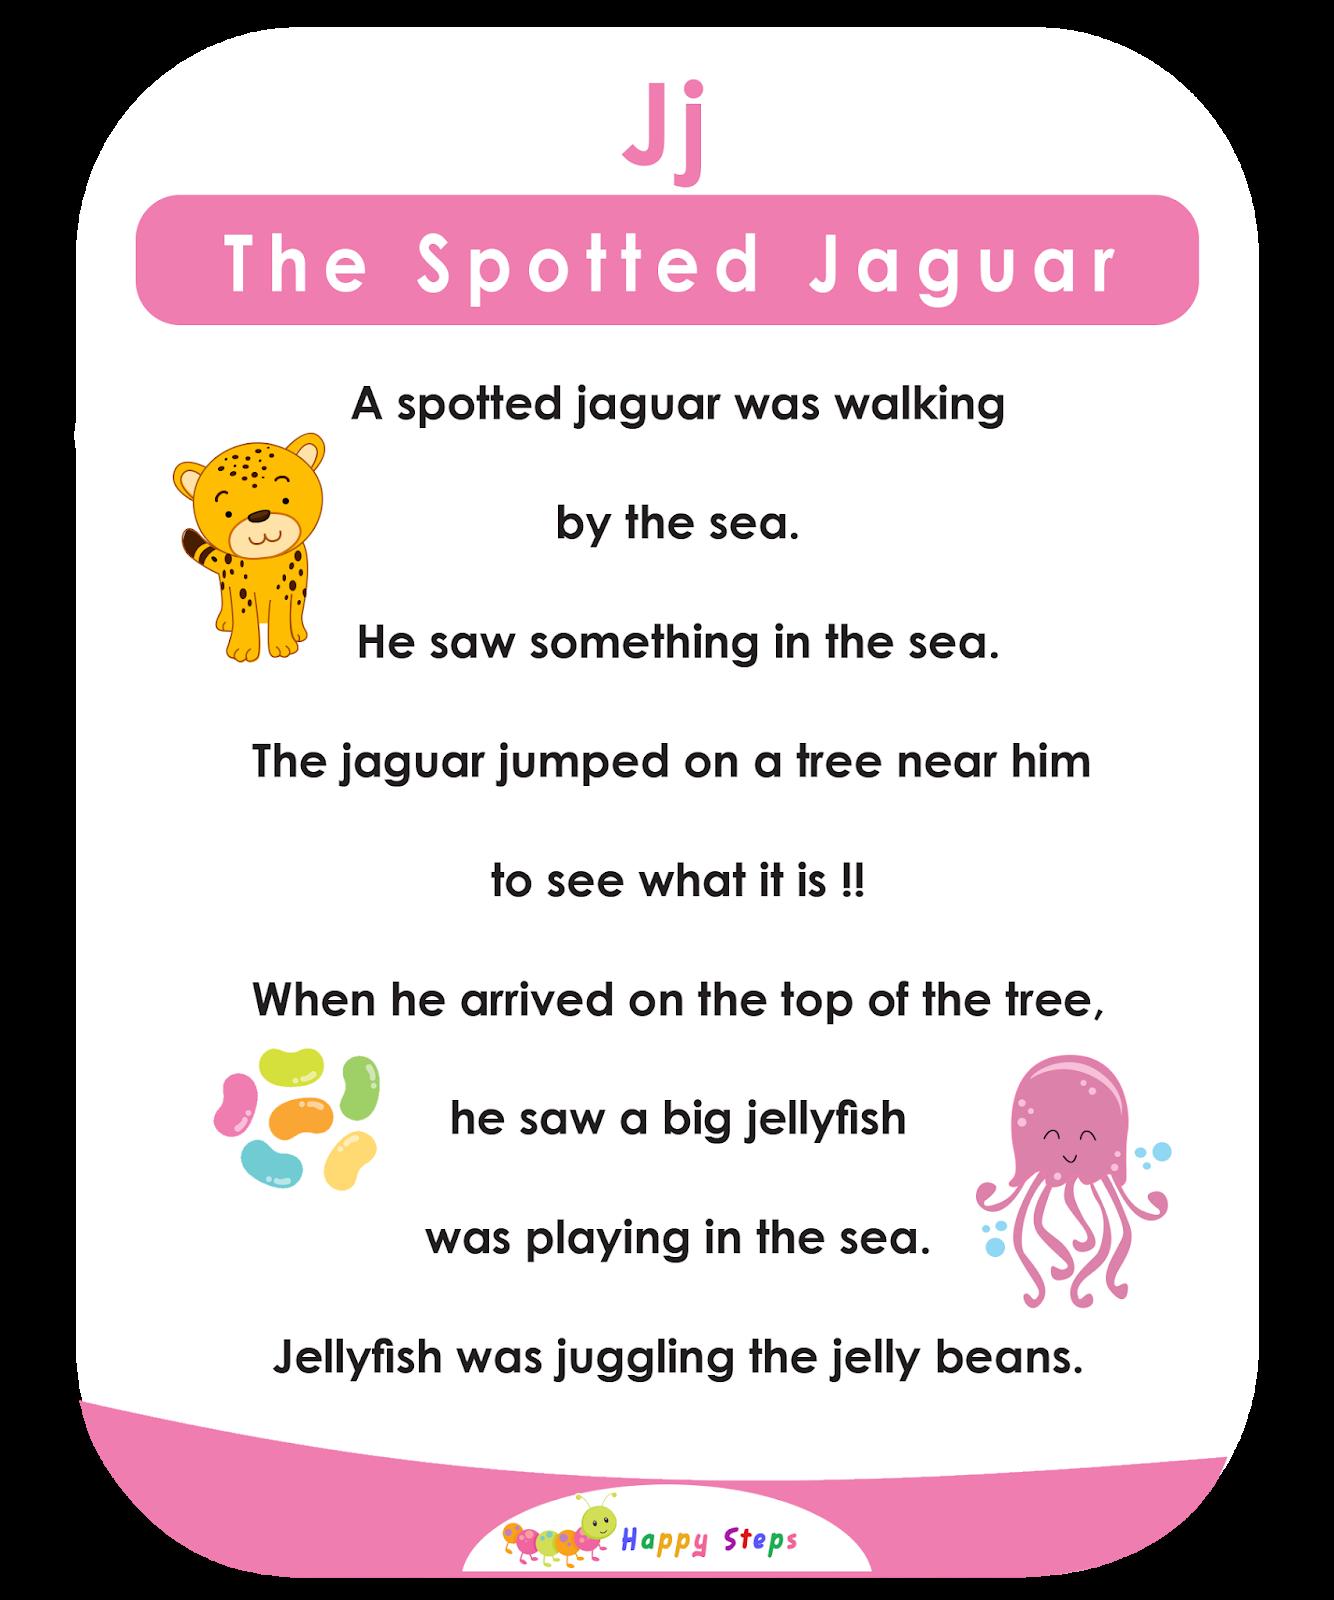 The Spotted Jaguar Alphabet Stories